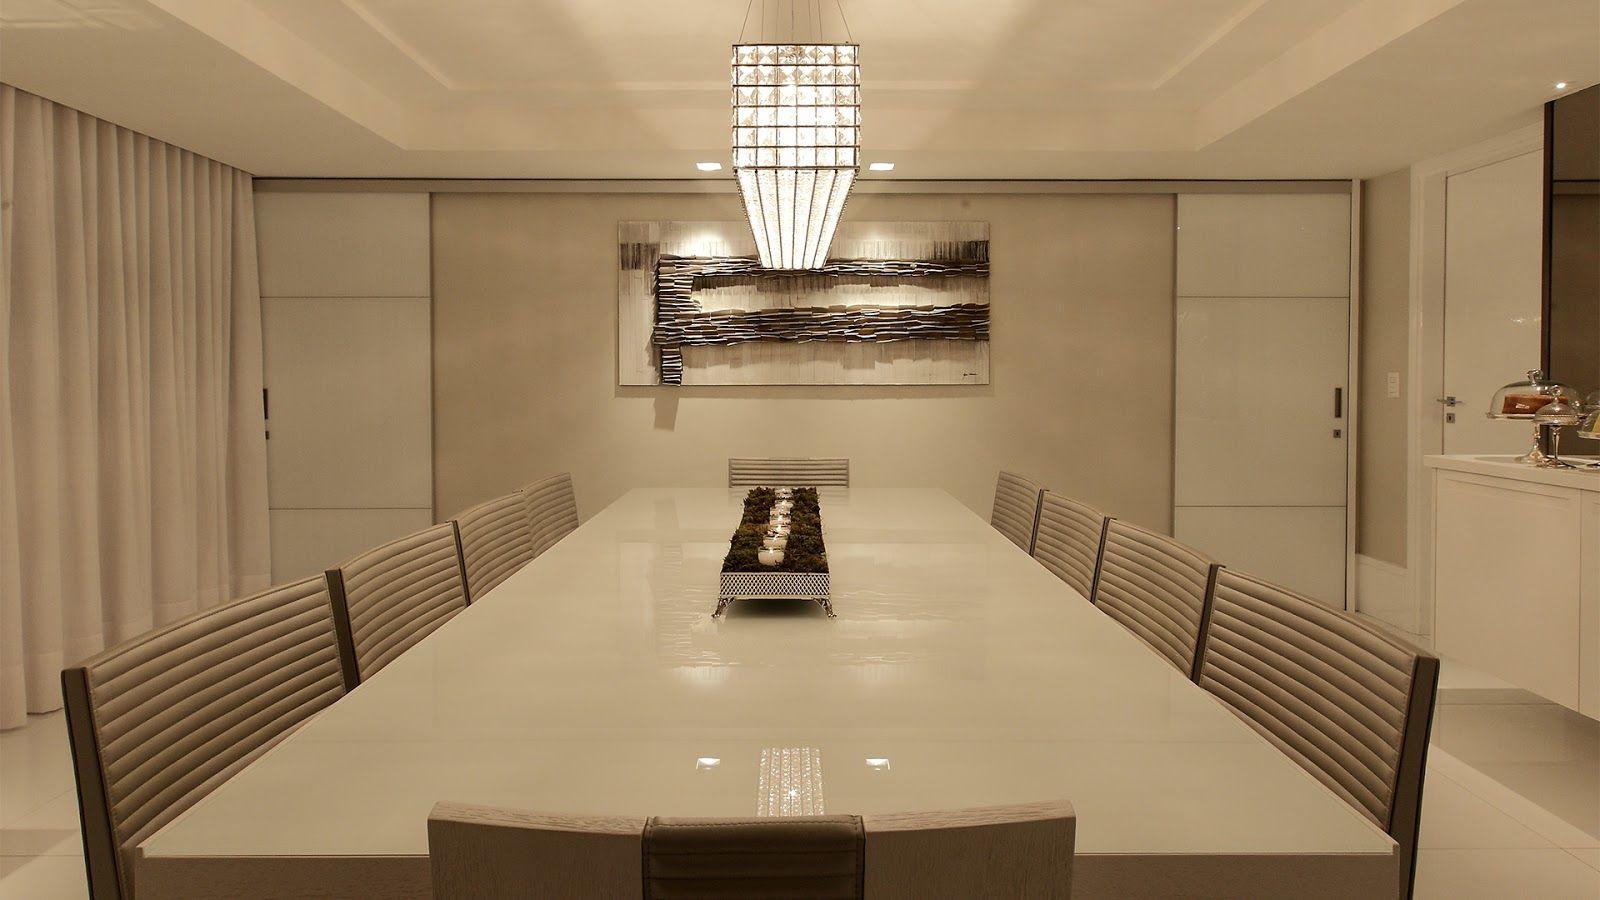 Salas De Estar Jantar E Tv Integradas E Decoradas De Preto Branco  -> Imagens Sala De Estar Decorada